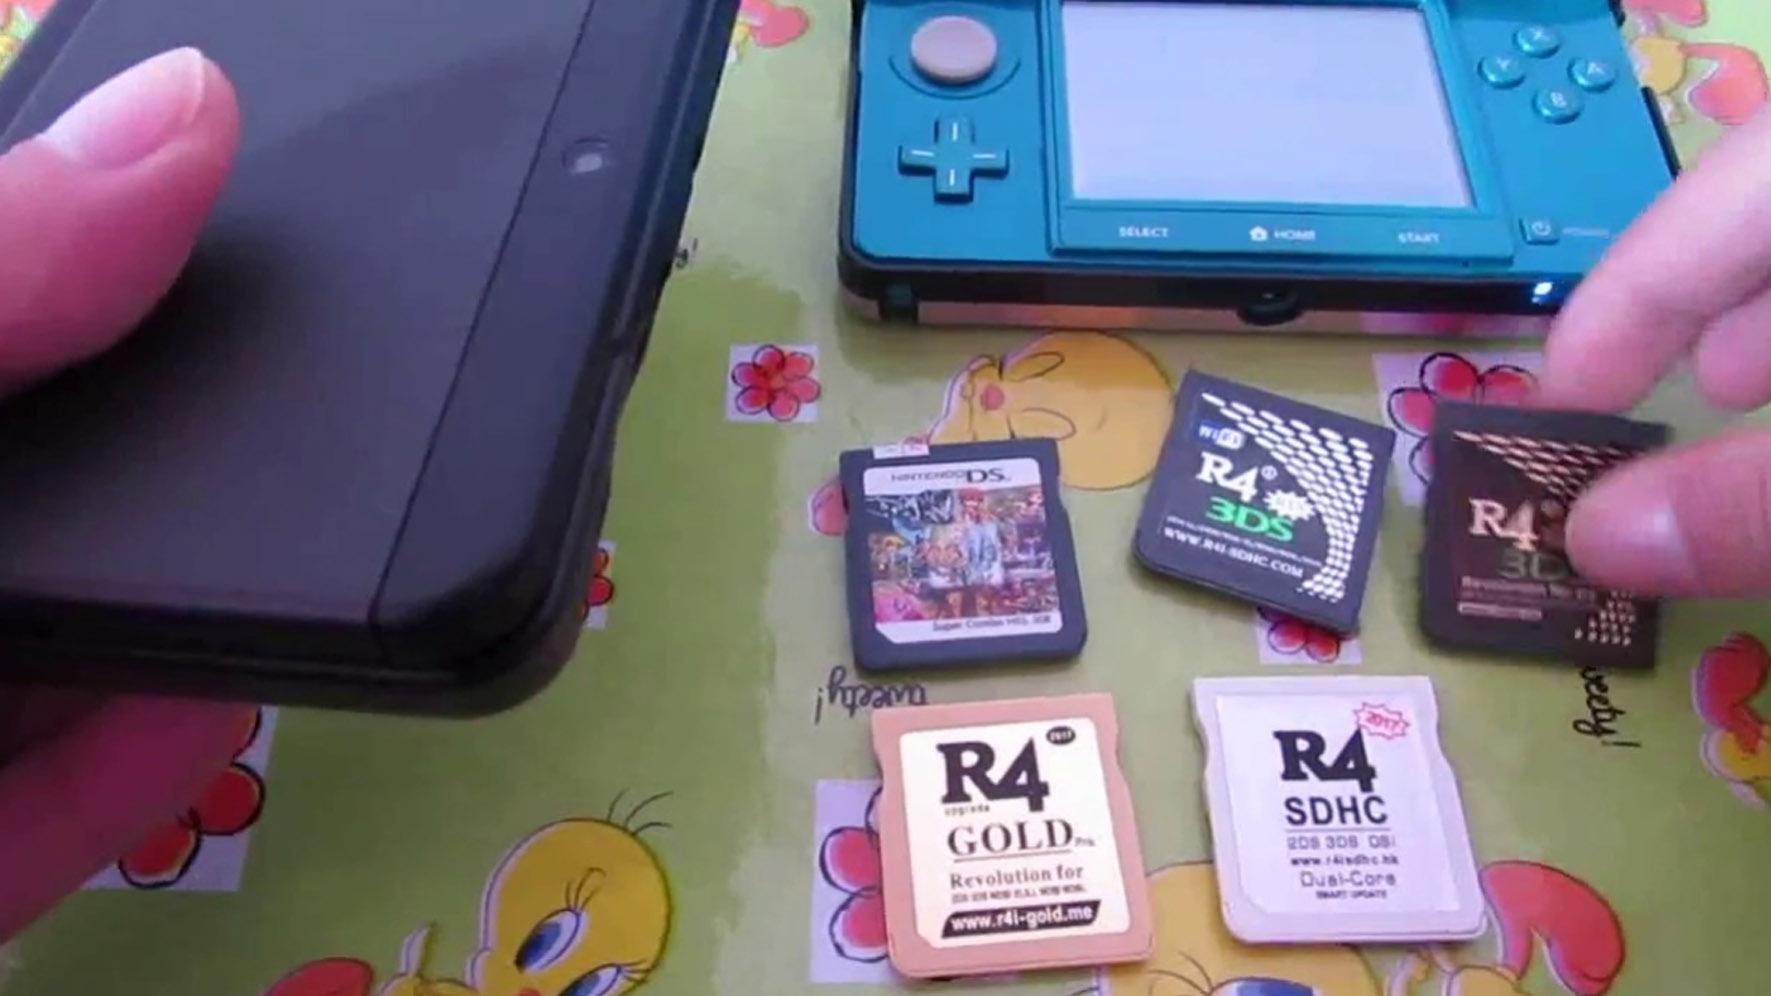 還記的當年 3DS 的盜版燒錄卡嗎,最後也在任天堂的律師團隊下一家一家倒閉。(圖源:Youtobe)